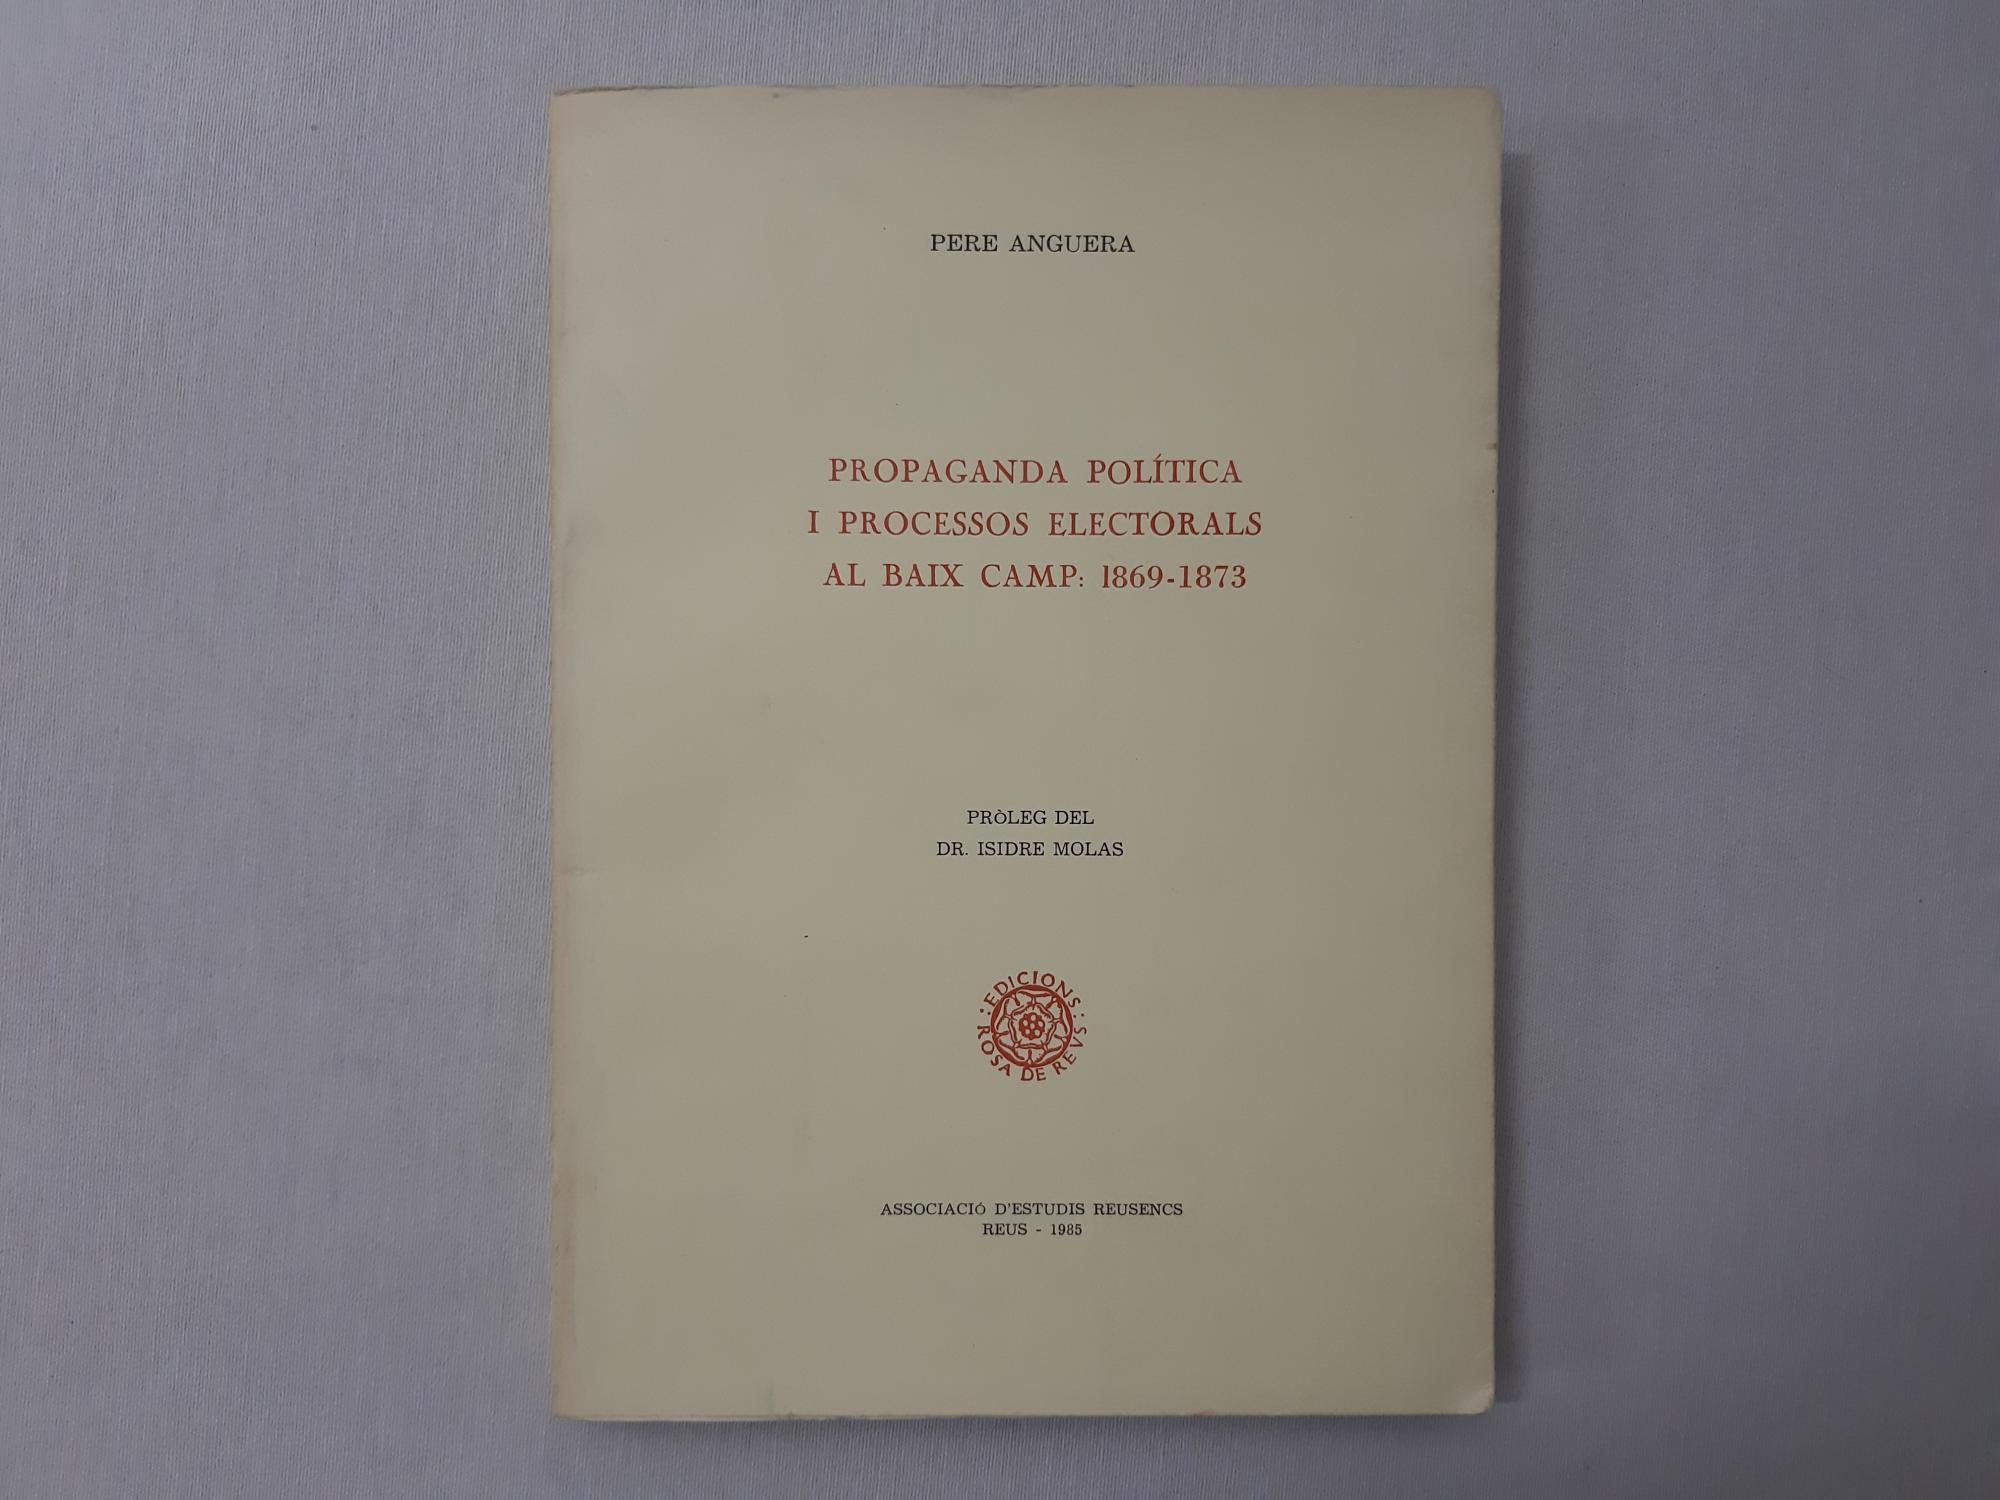 Propaganda pol¸tica i processos electorals al Baix Camp: 1869-1873 (Publicació) - Anguera, Pere